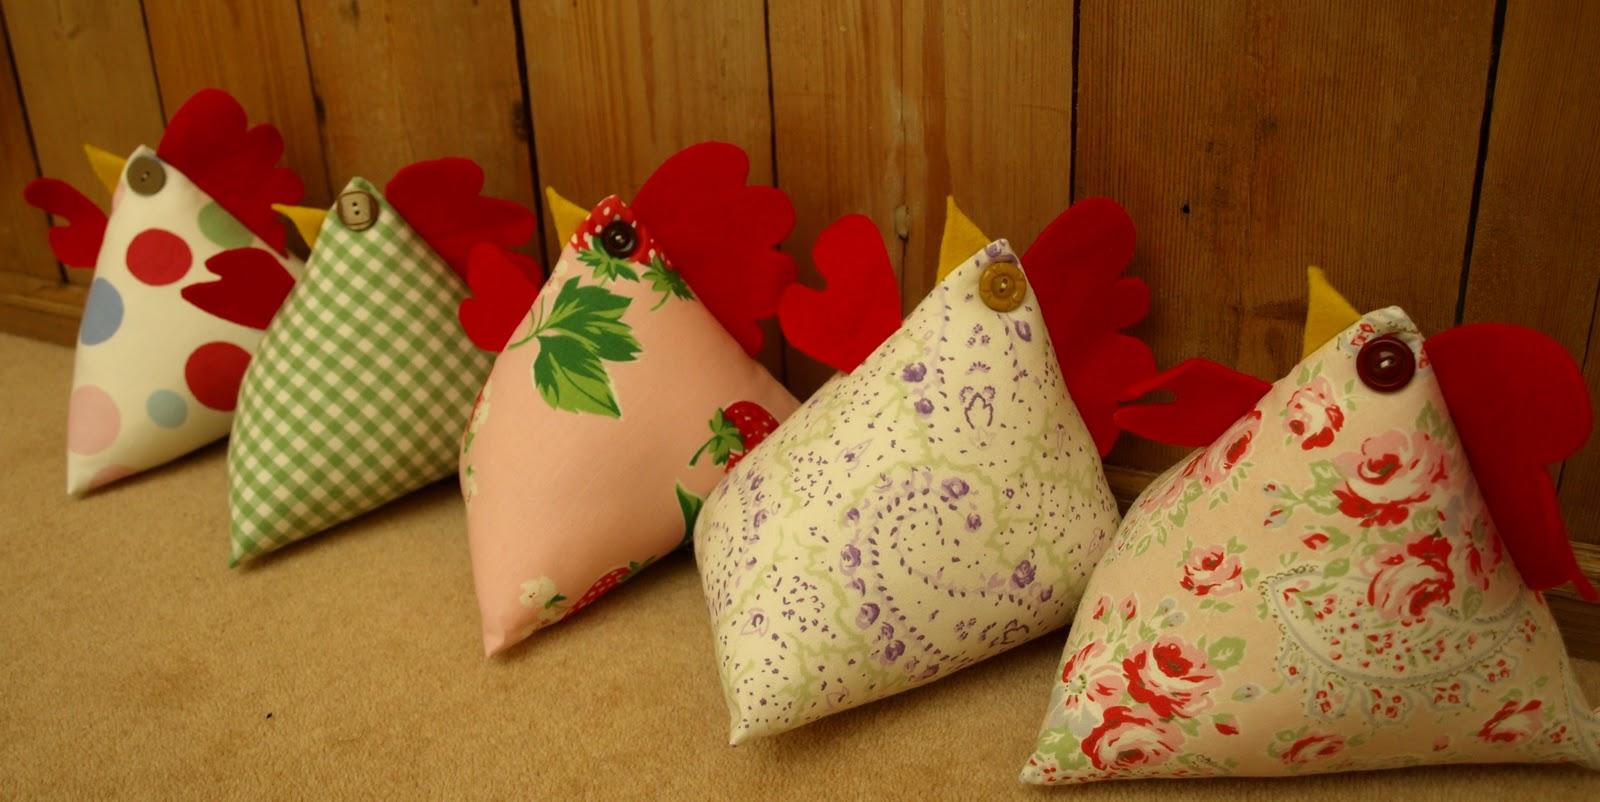 The sew happy shop fabulous sew happy selection of fabric chicken doorstops grab one quick - Chicken doorstops ...